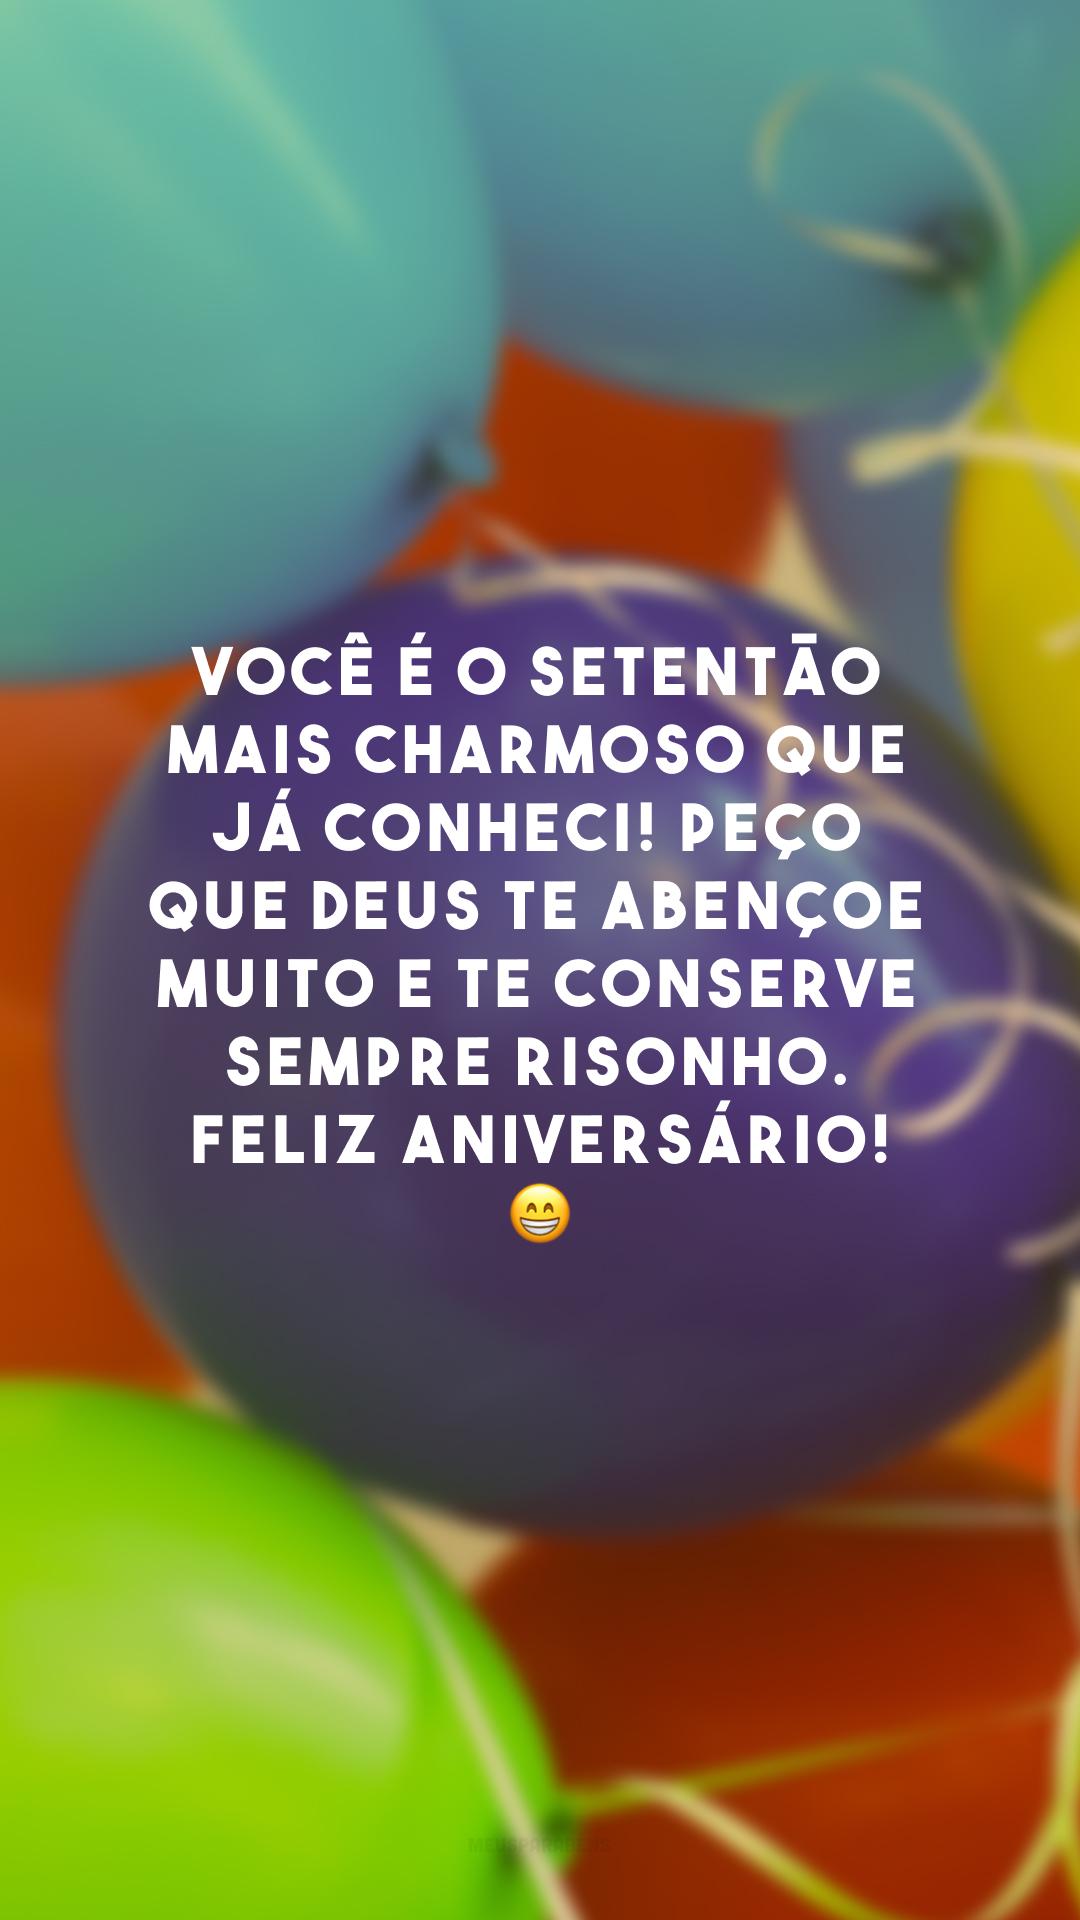 Você é o setentão mais charmoso que já conheci! Peço que Deus te abençoe muito e te conserve sempre risonho. Feliz aniversário! 😁